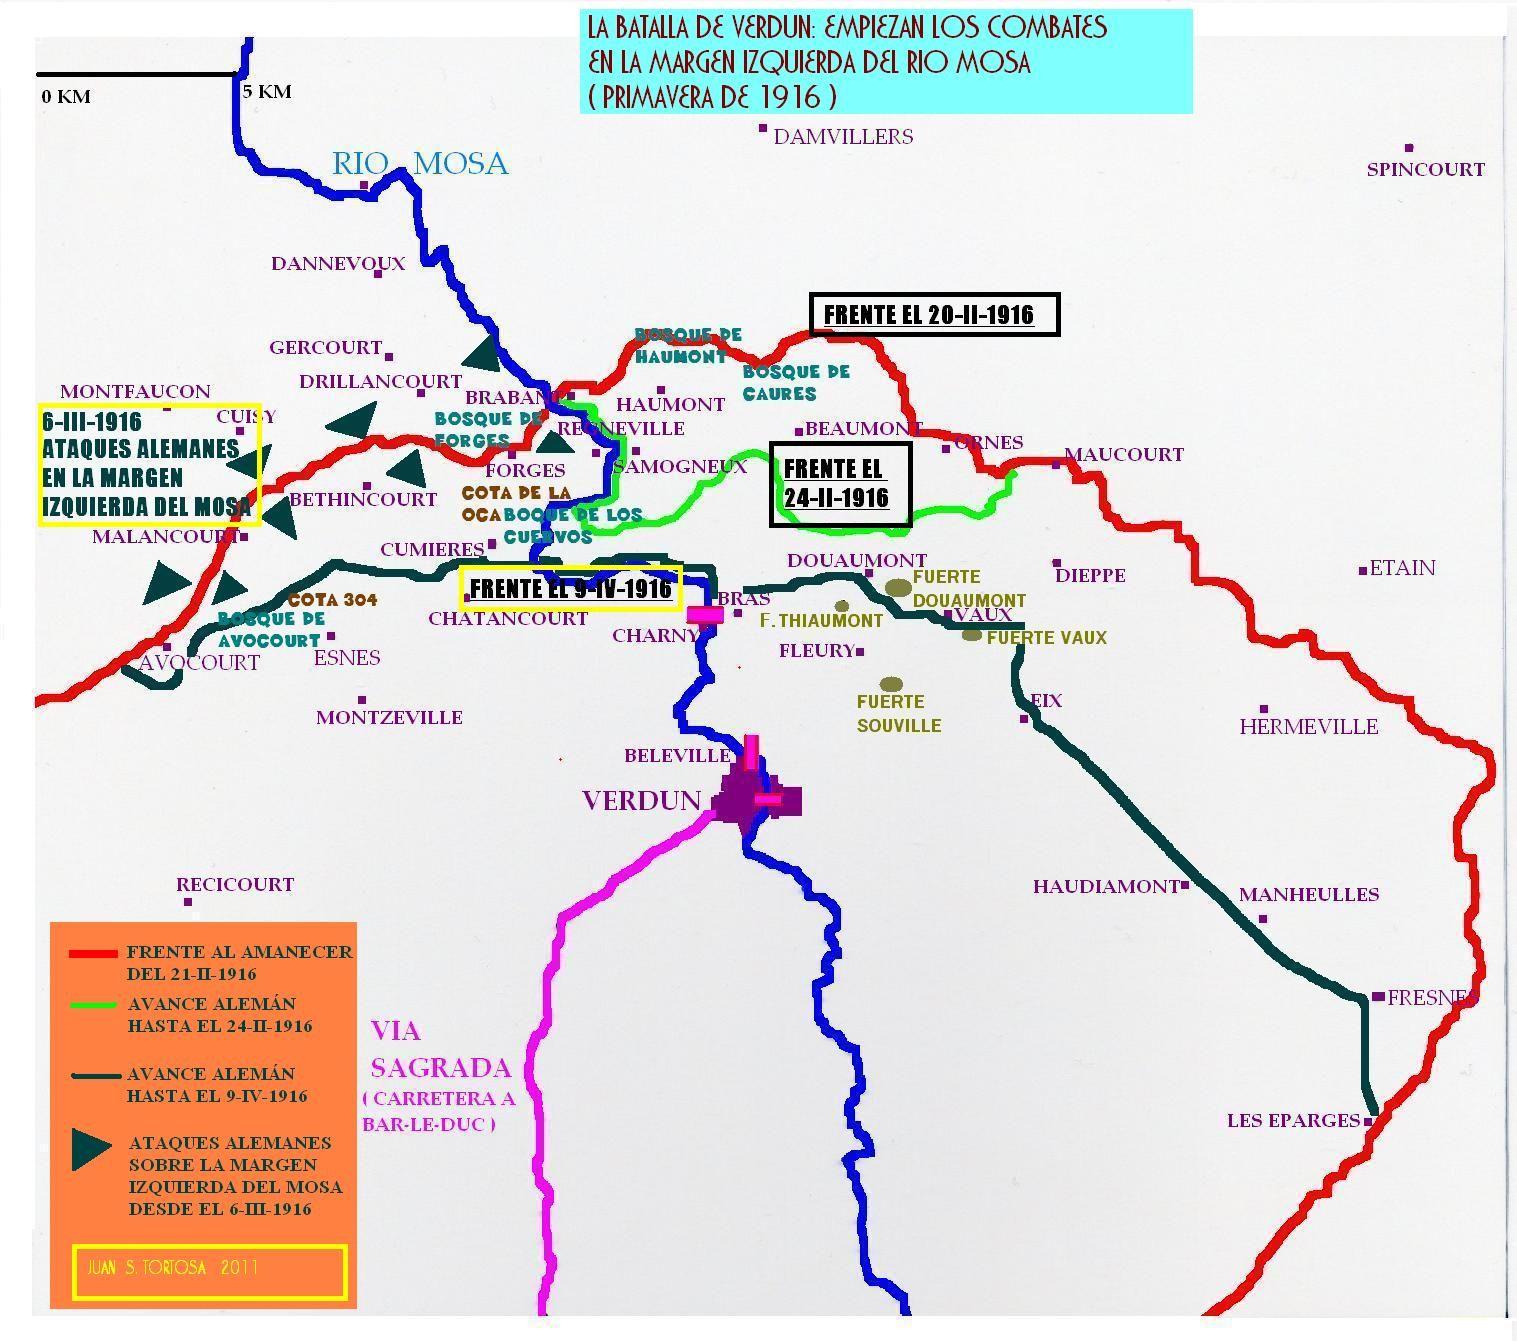 Batalla De Verdun Mapa.Pin En Francia I G M